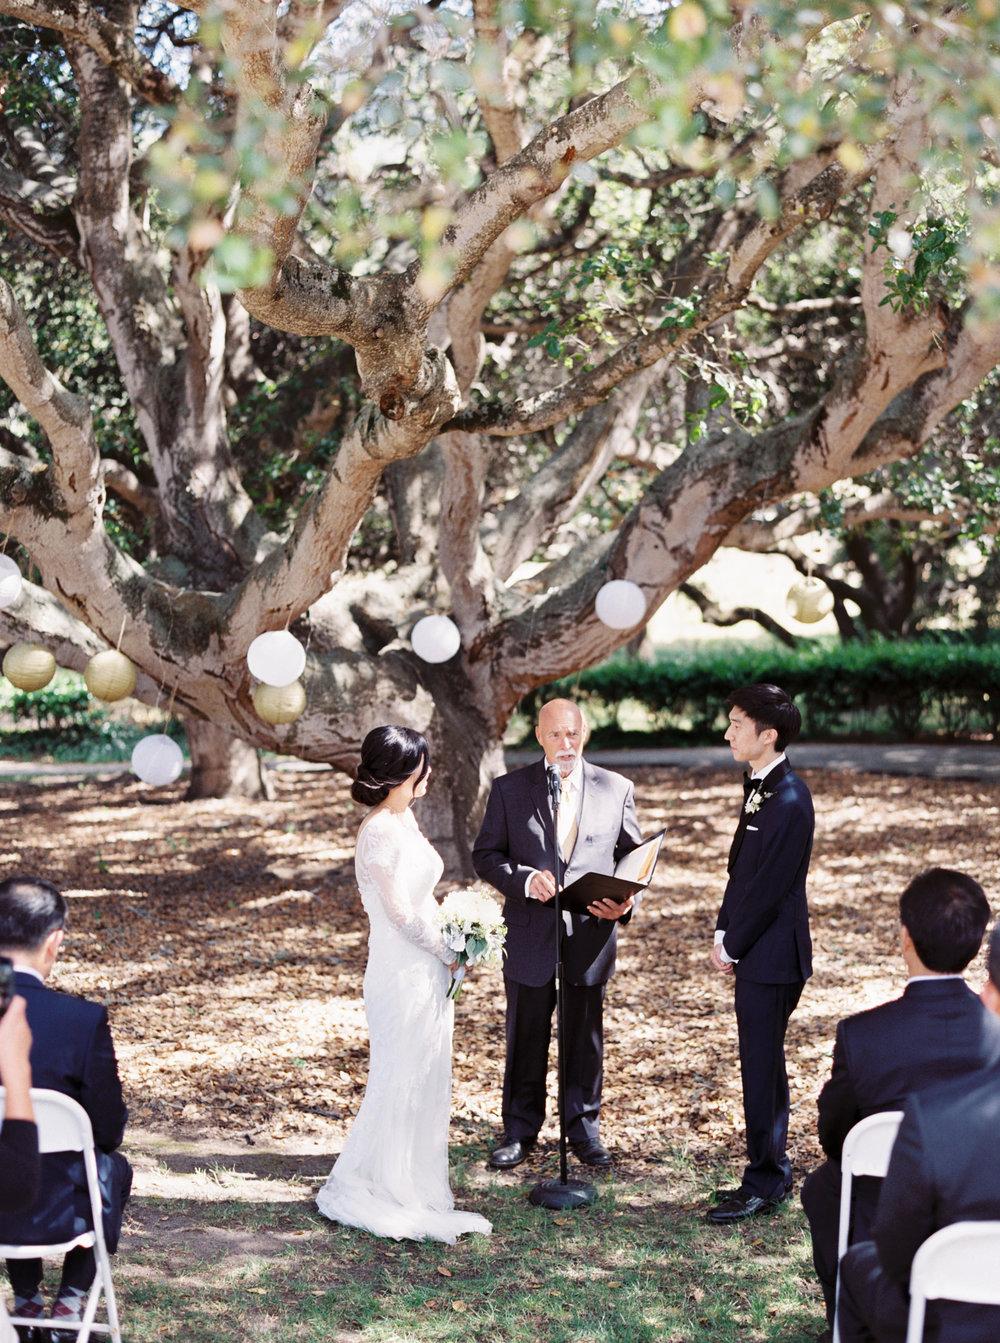 carmel-wedding-at-wedgewood-carmel-california-38.jpg